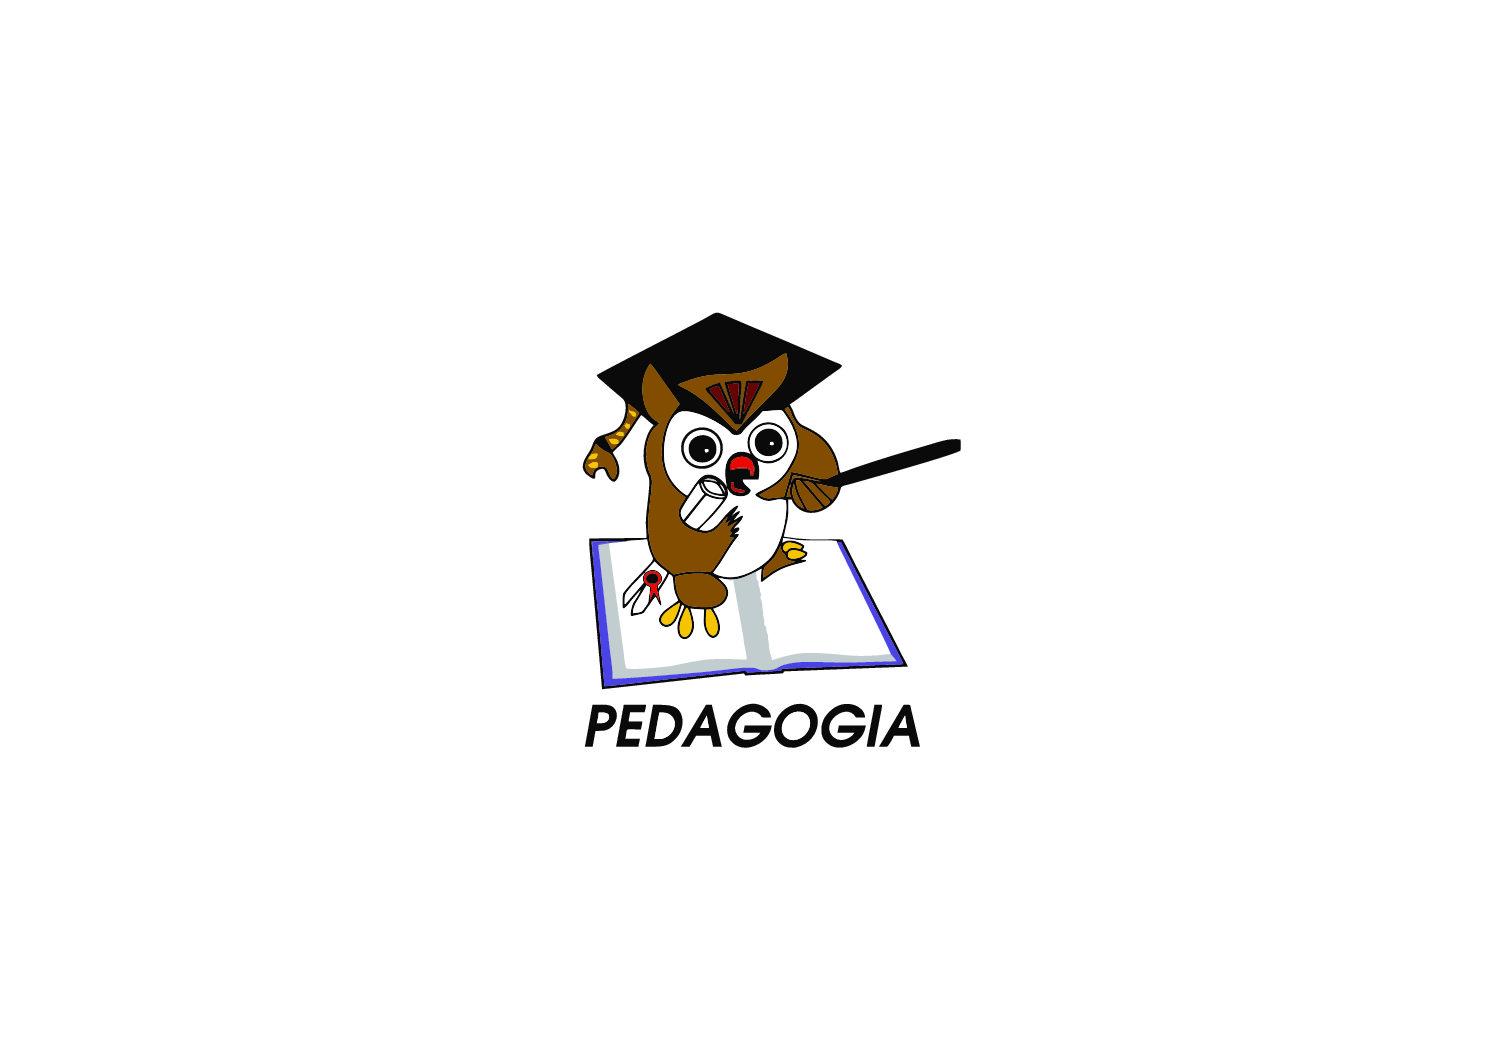 Camisetas com bordado ponto a ponto para turma de Pedagogia da faculdade UNOPAR, da cidade de Ibirubá/RS.